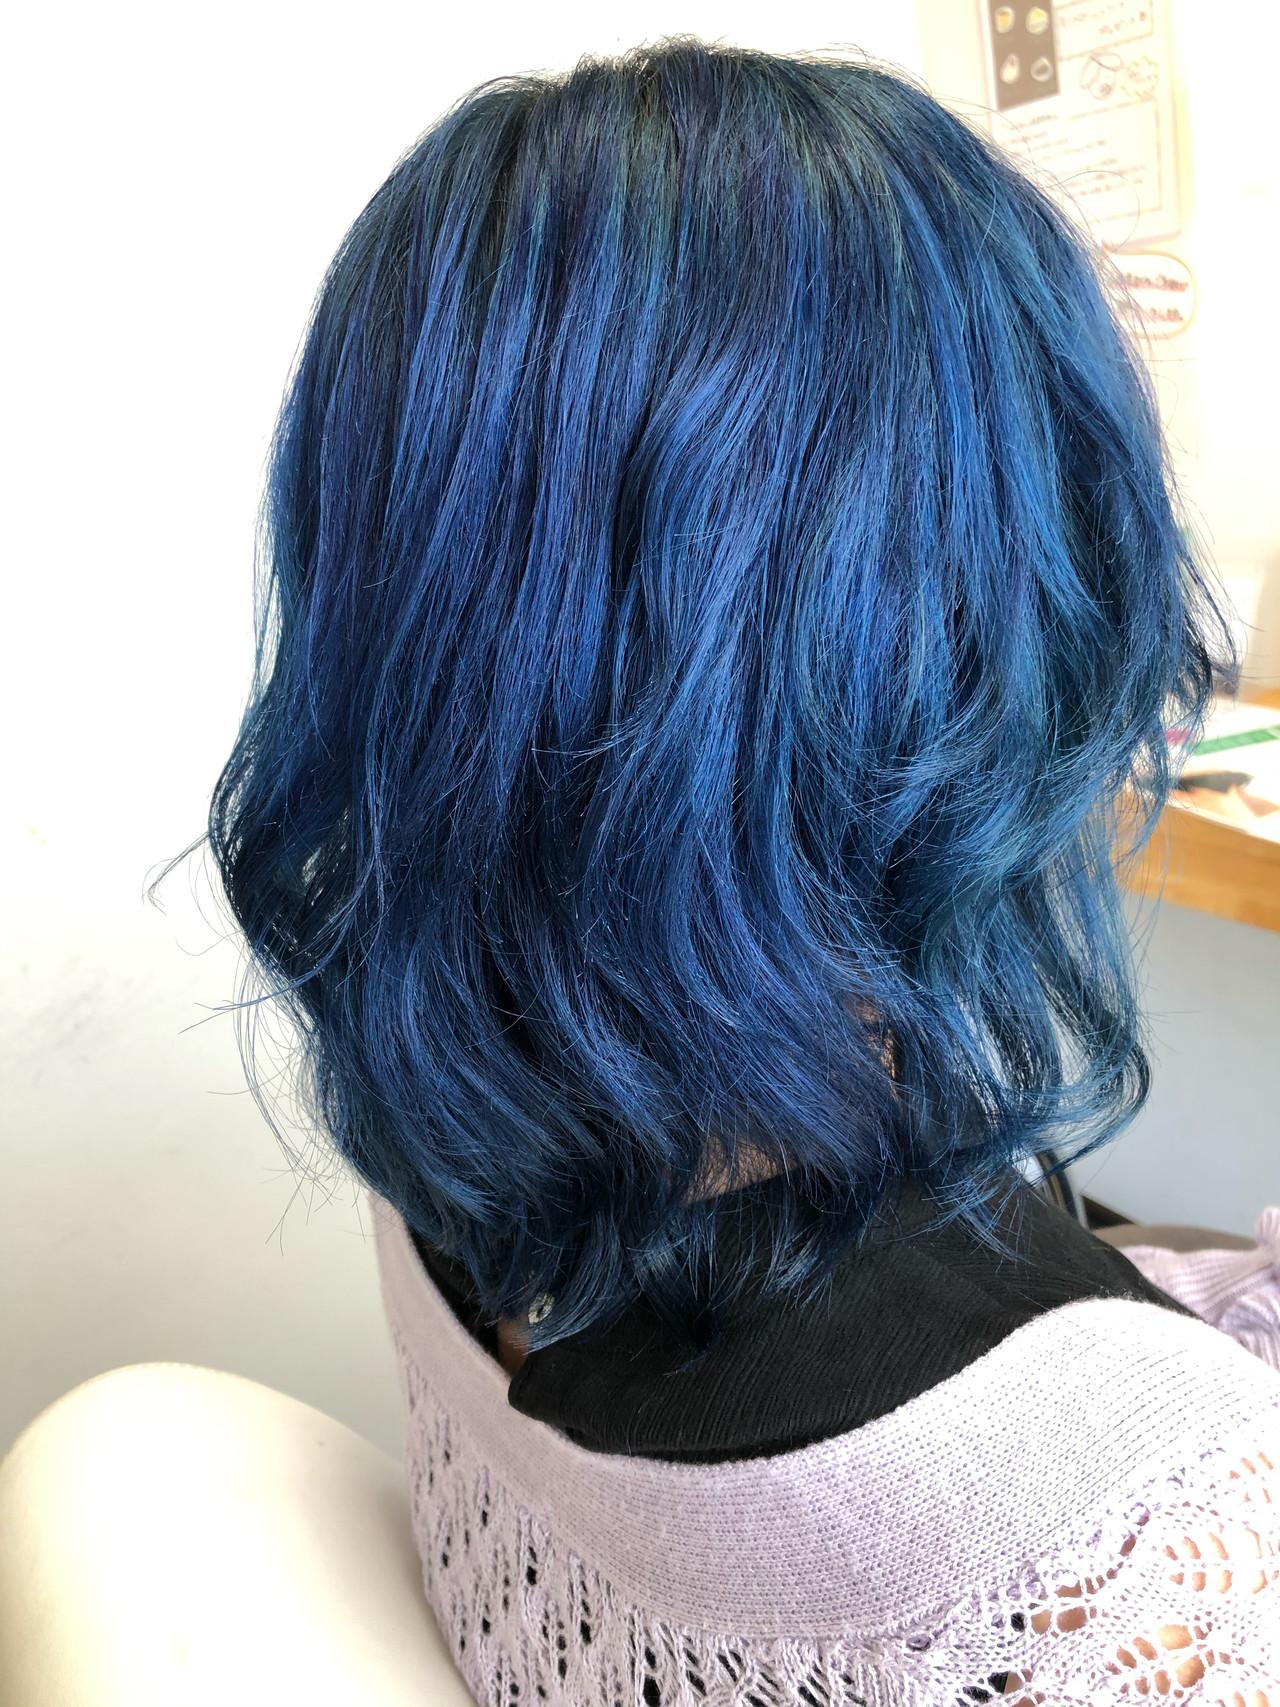 ミディアム ガーリー ブルー ダブルカラー ヘアスタイルや髪型の写真・画像